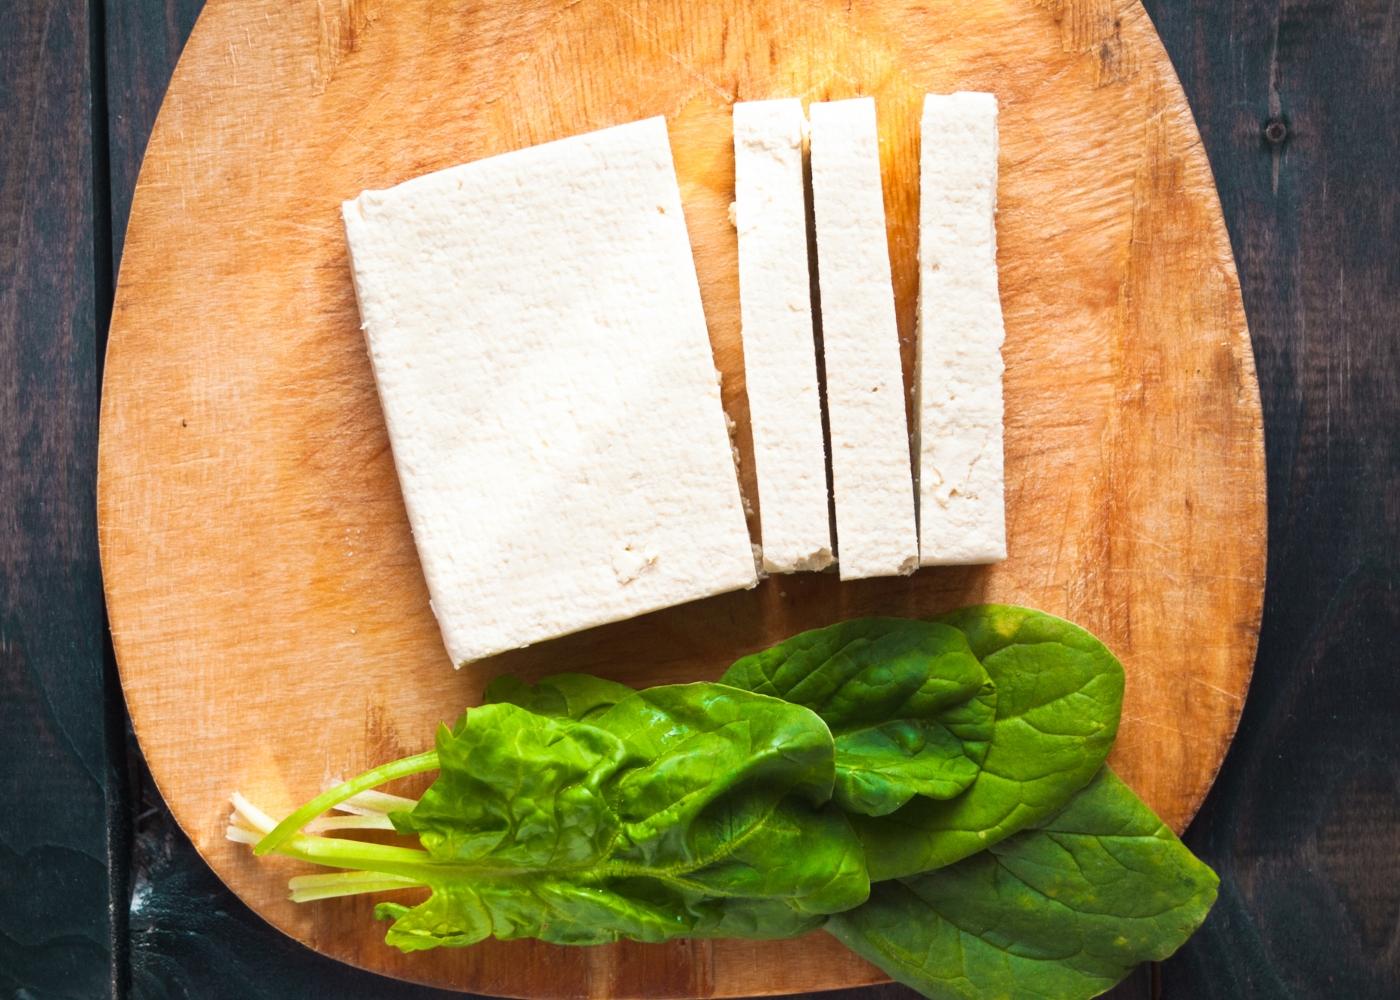 Barra de tofu numa tábua de madeira